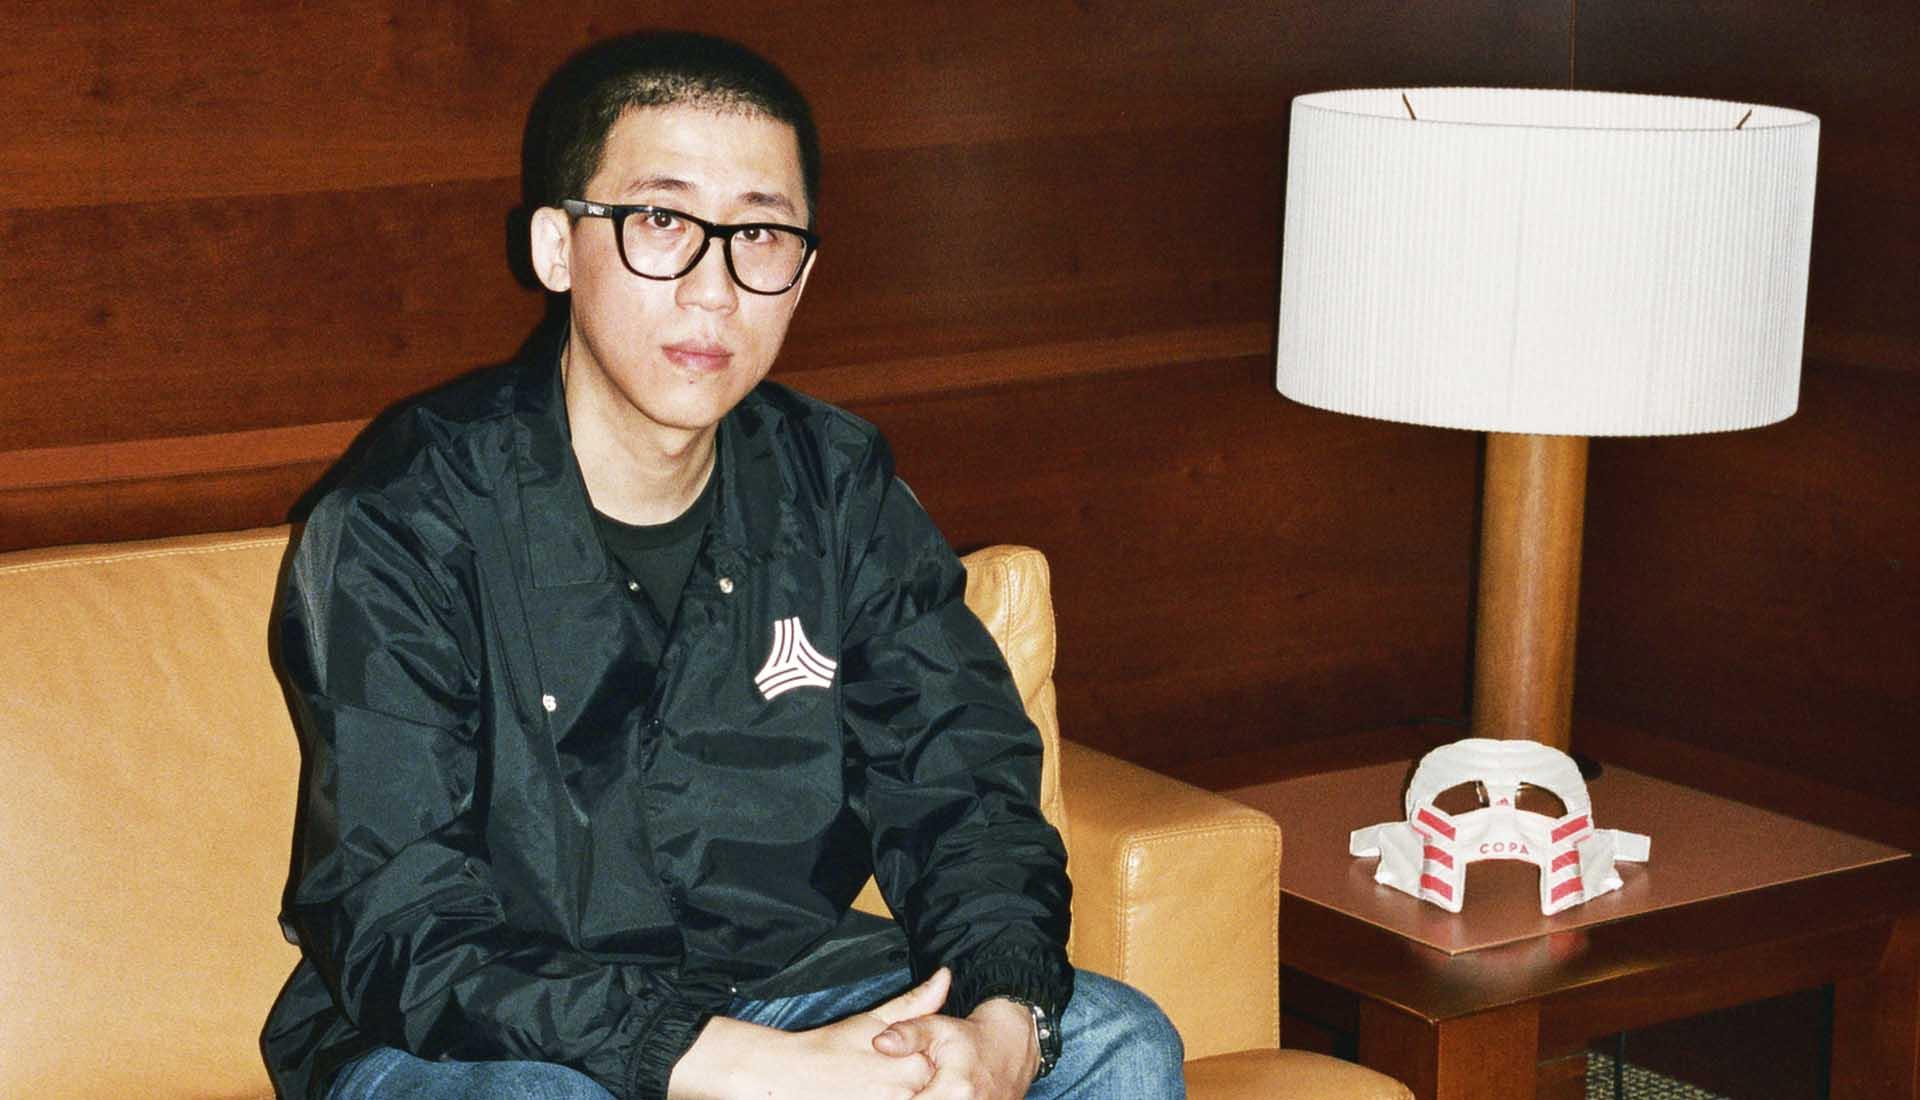 Zhijun Wang là một anh chàng rất thích chế biến giày đá bóng thành các vật dụng khác